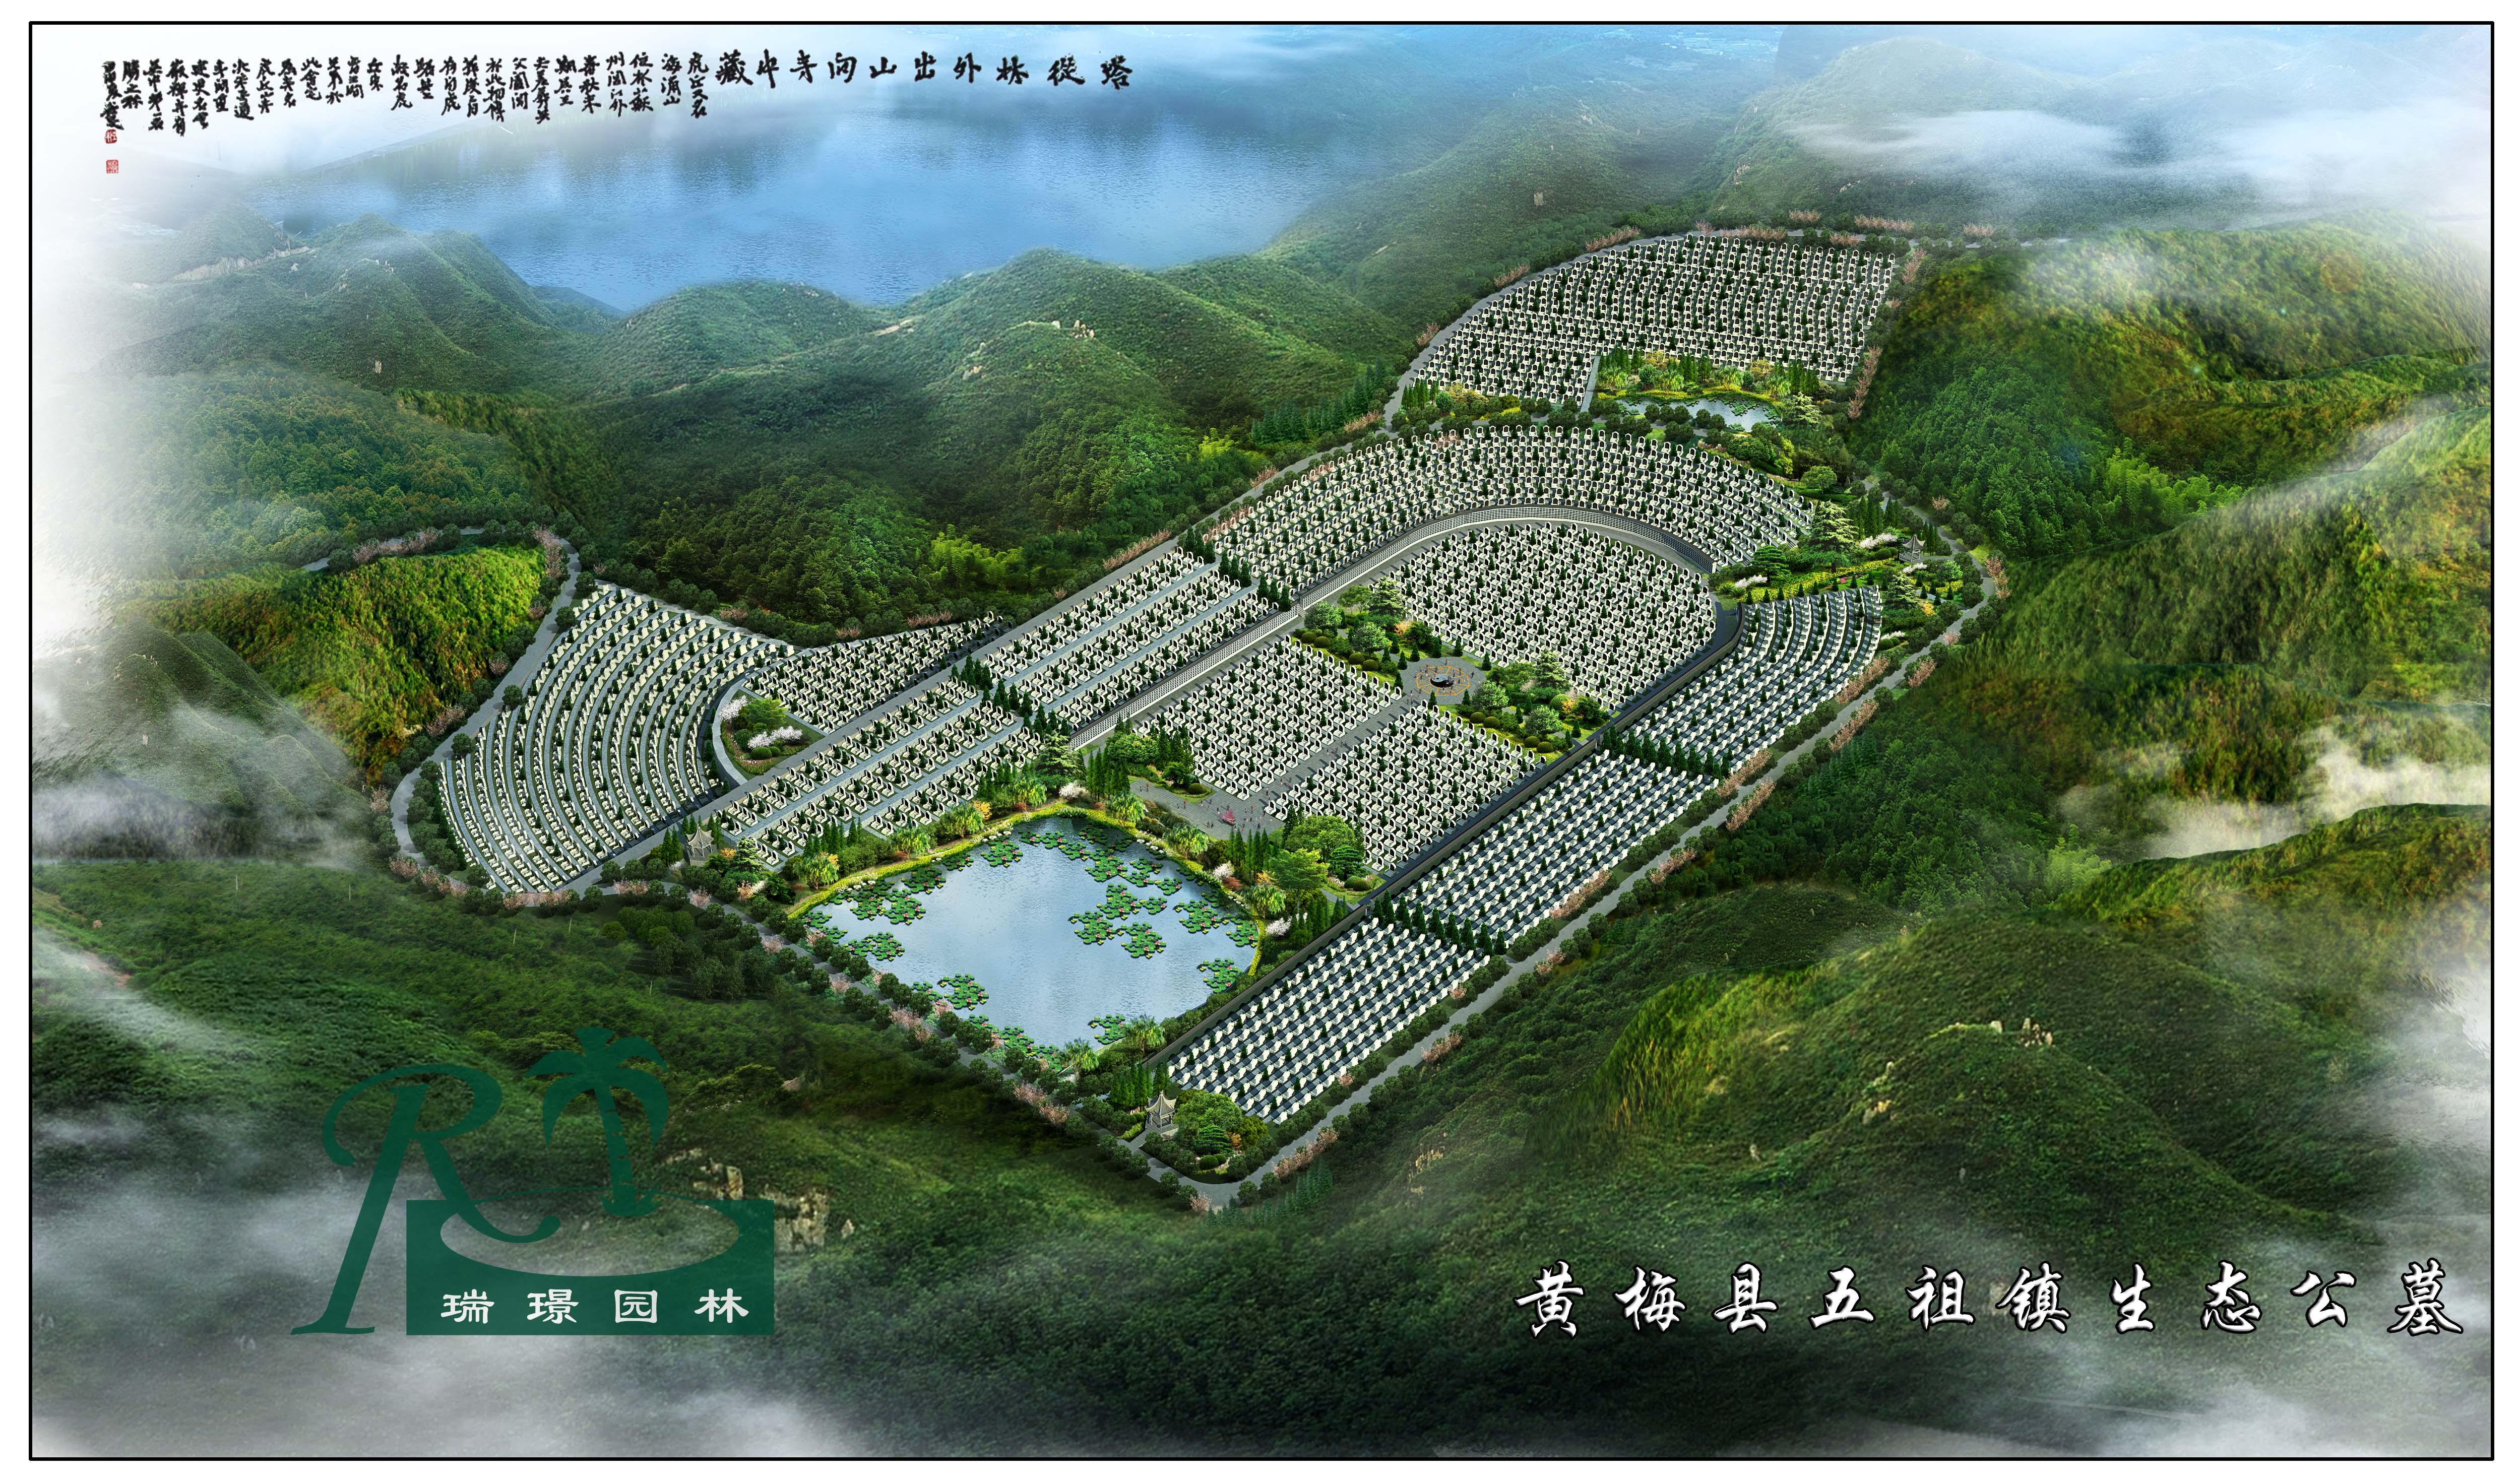 生态公墓鸟瞰图项目规模:35000平方米项目地址:湖.图片